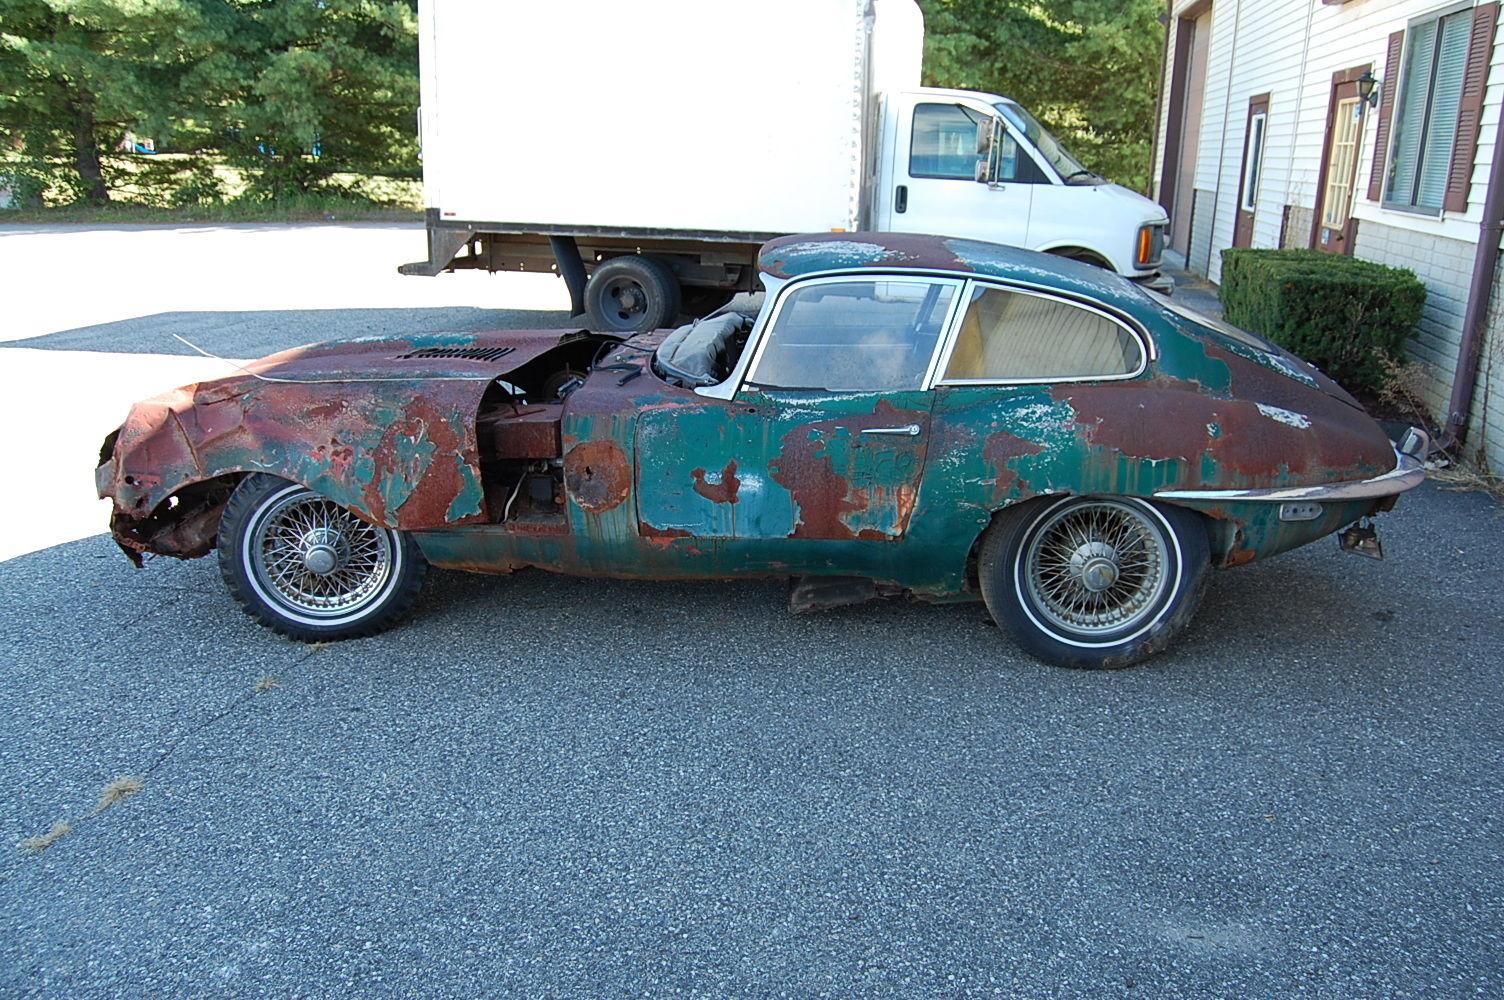 1969 Jaguar Xke Series 2 Coupe Needs Restoration Includes Extra Front Bonnet Classic Jaguar E